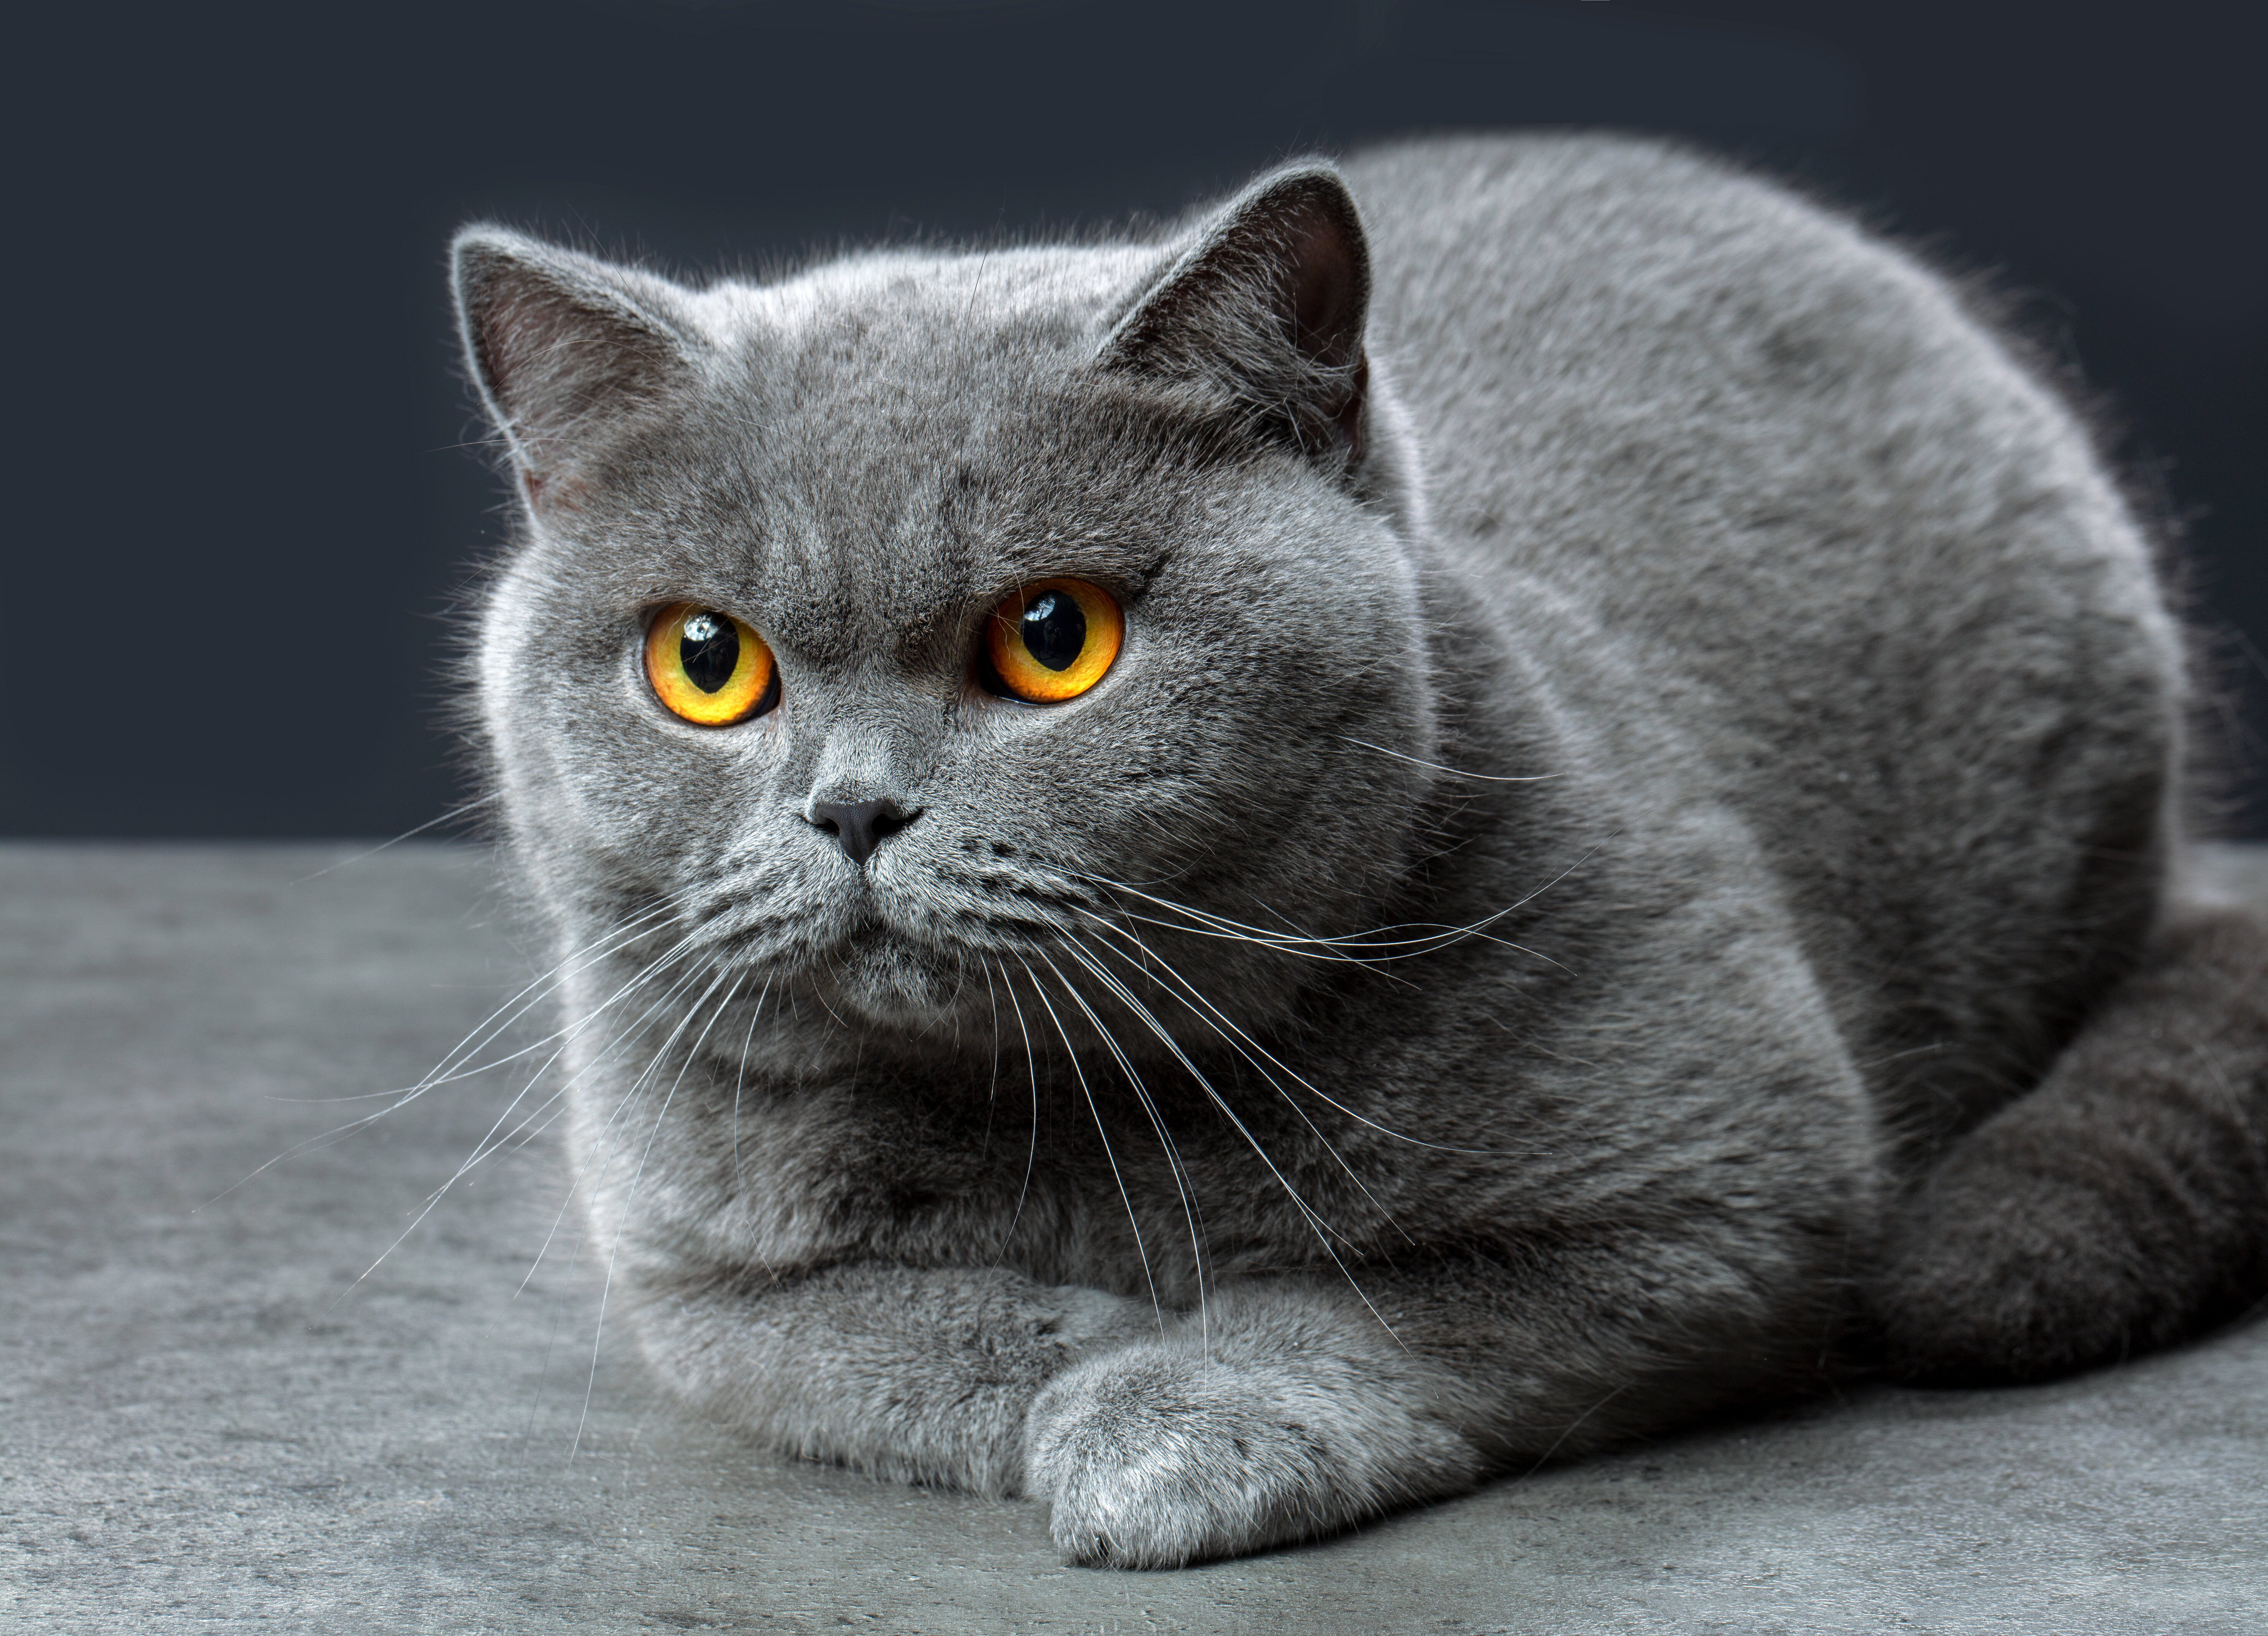 Есть явные симптомы, которые вы заметите у своей кошки как признак беременности.